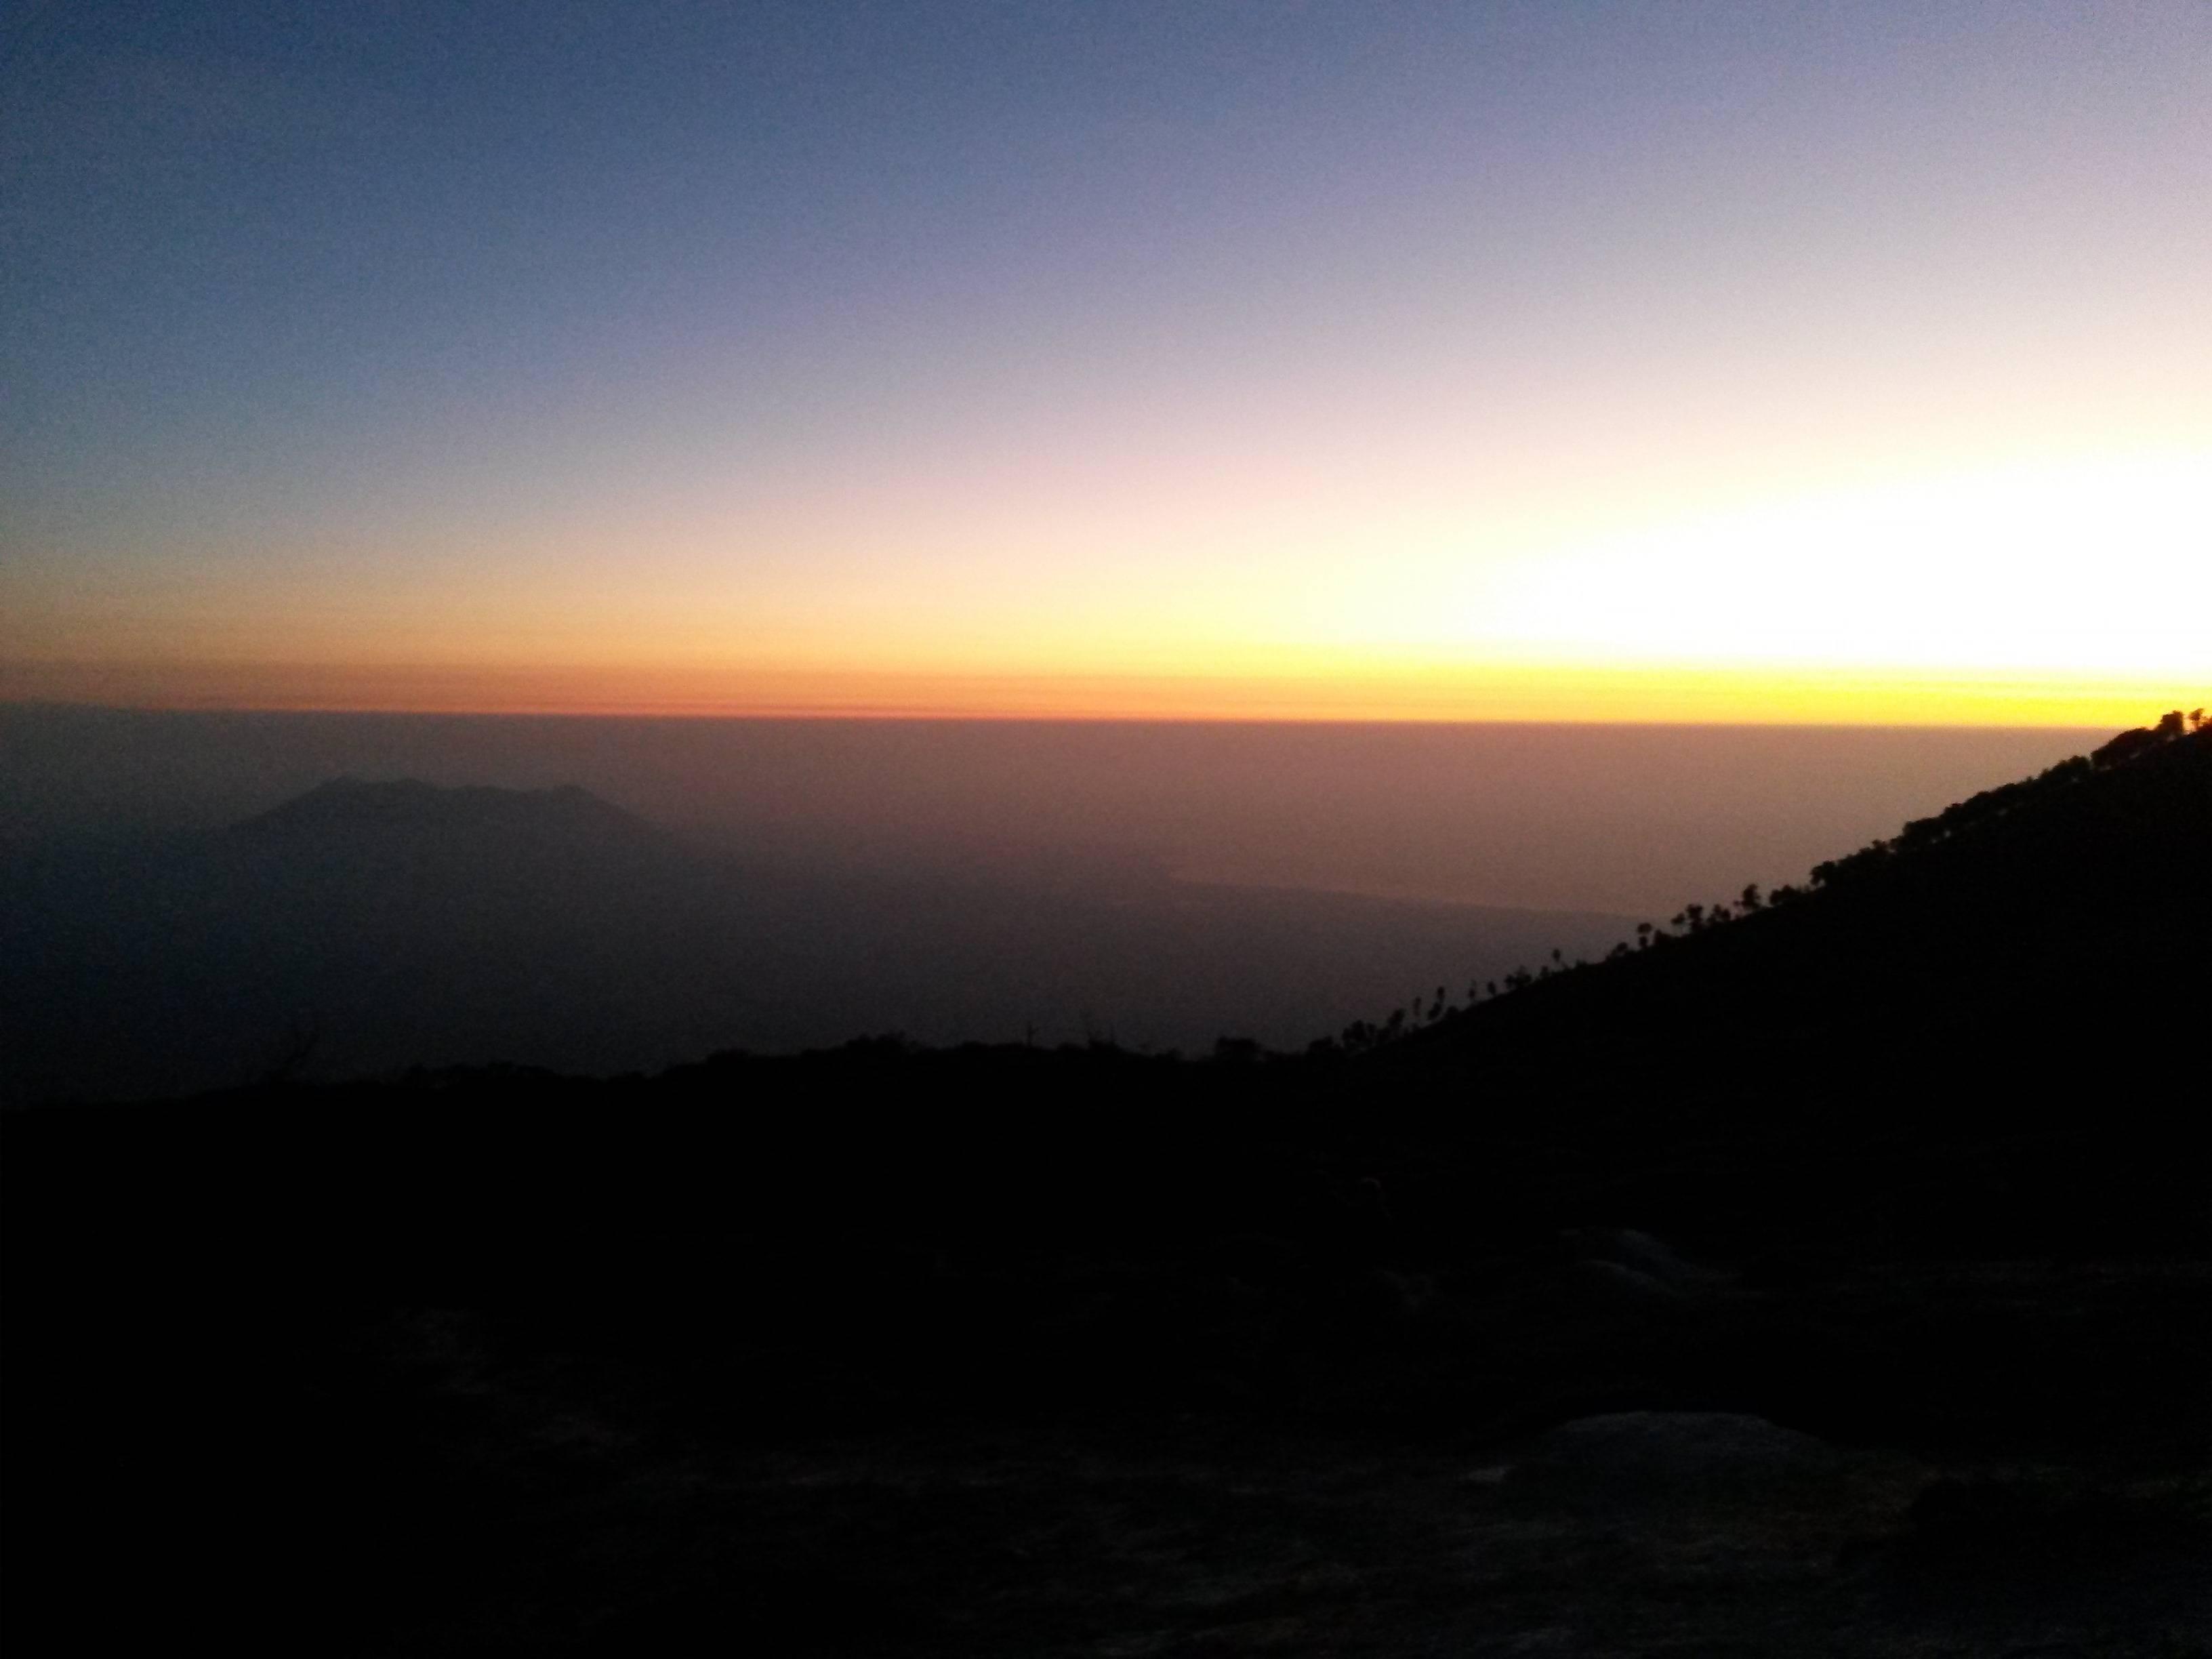 Photo 3: Le Kawah Ijen, une expérience unique.